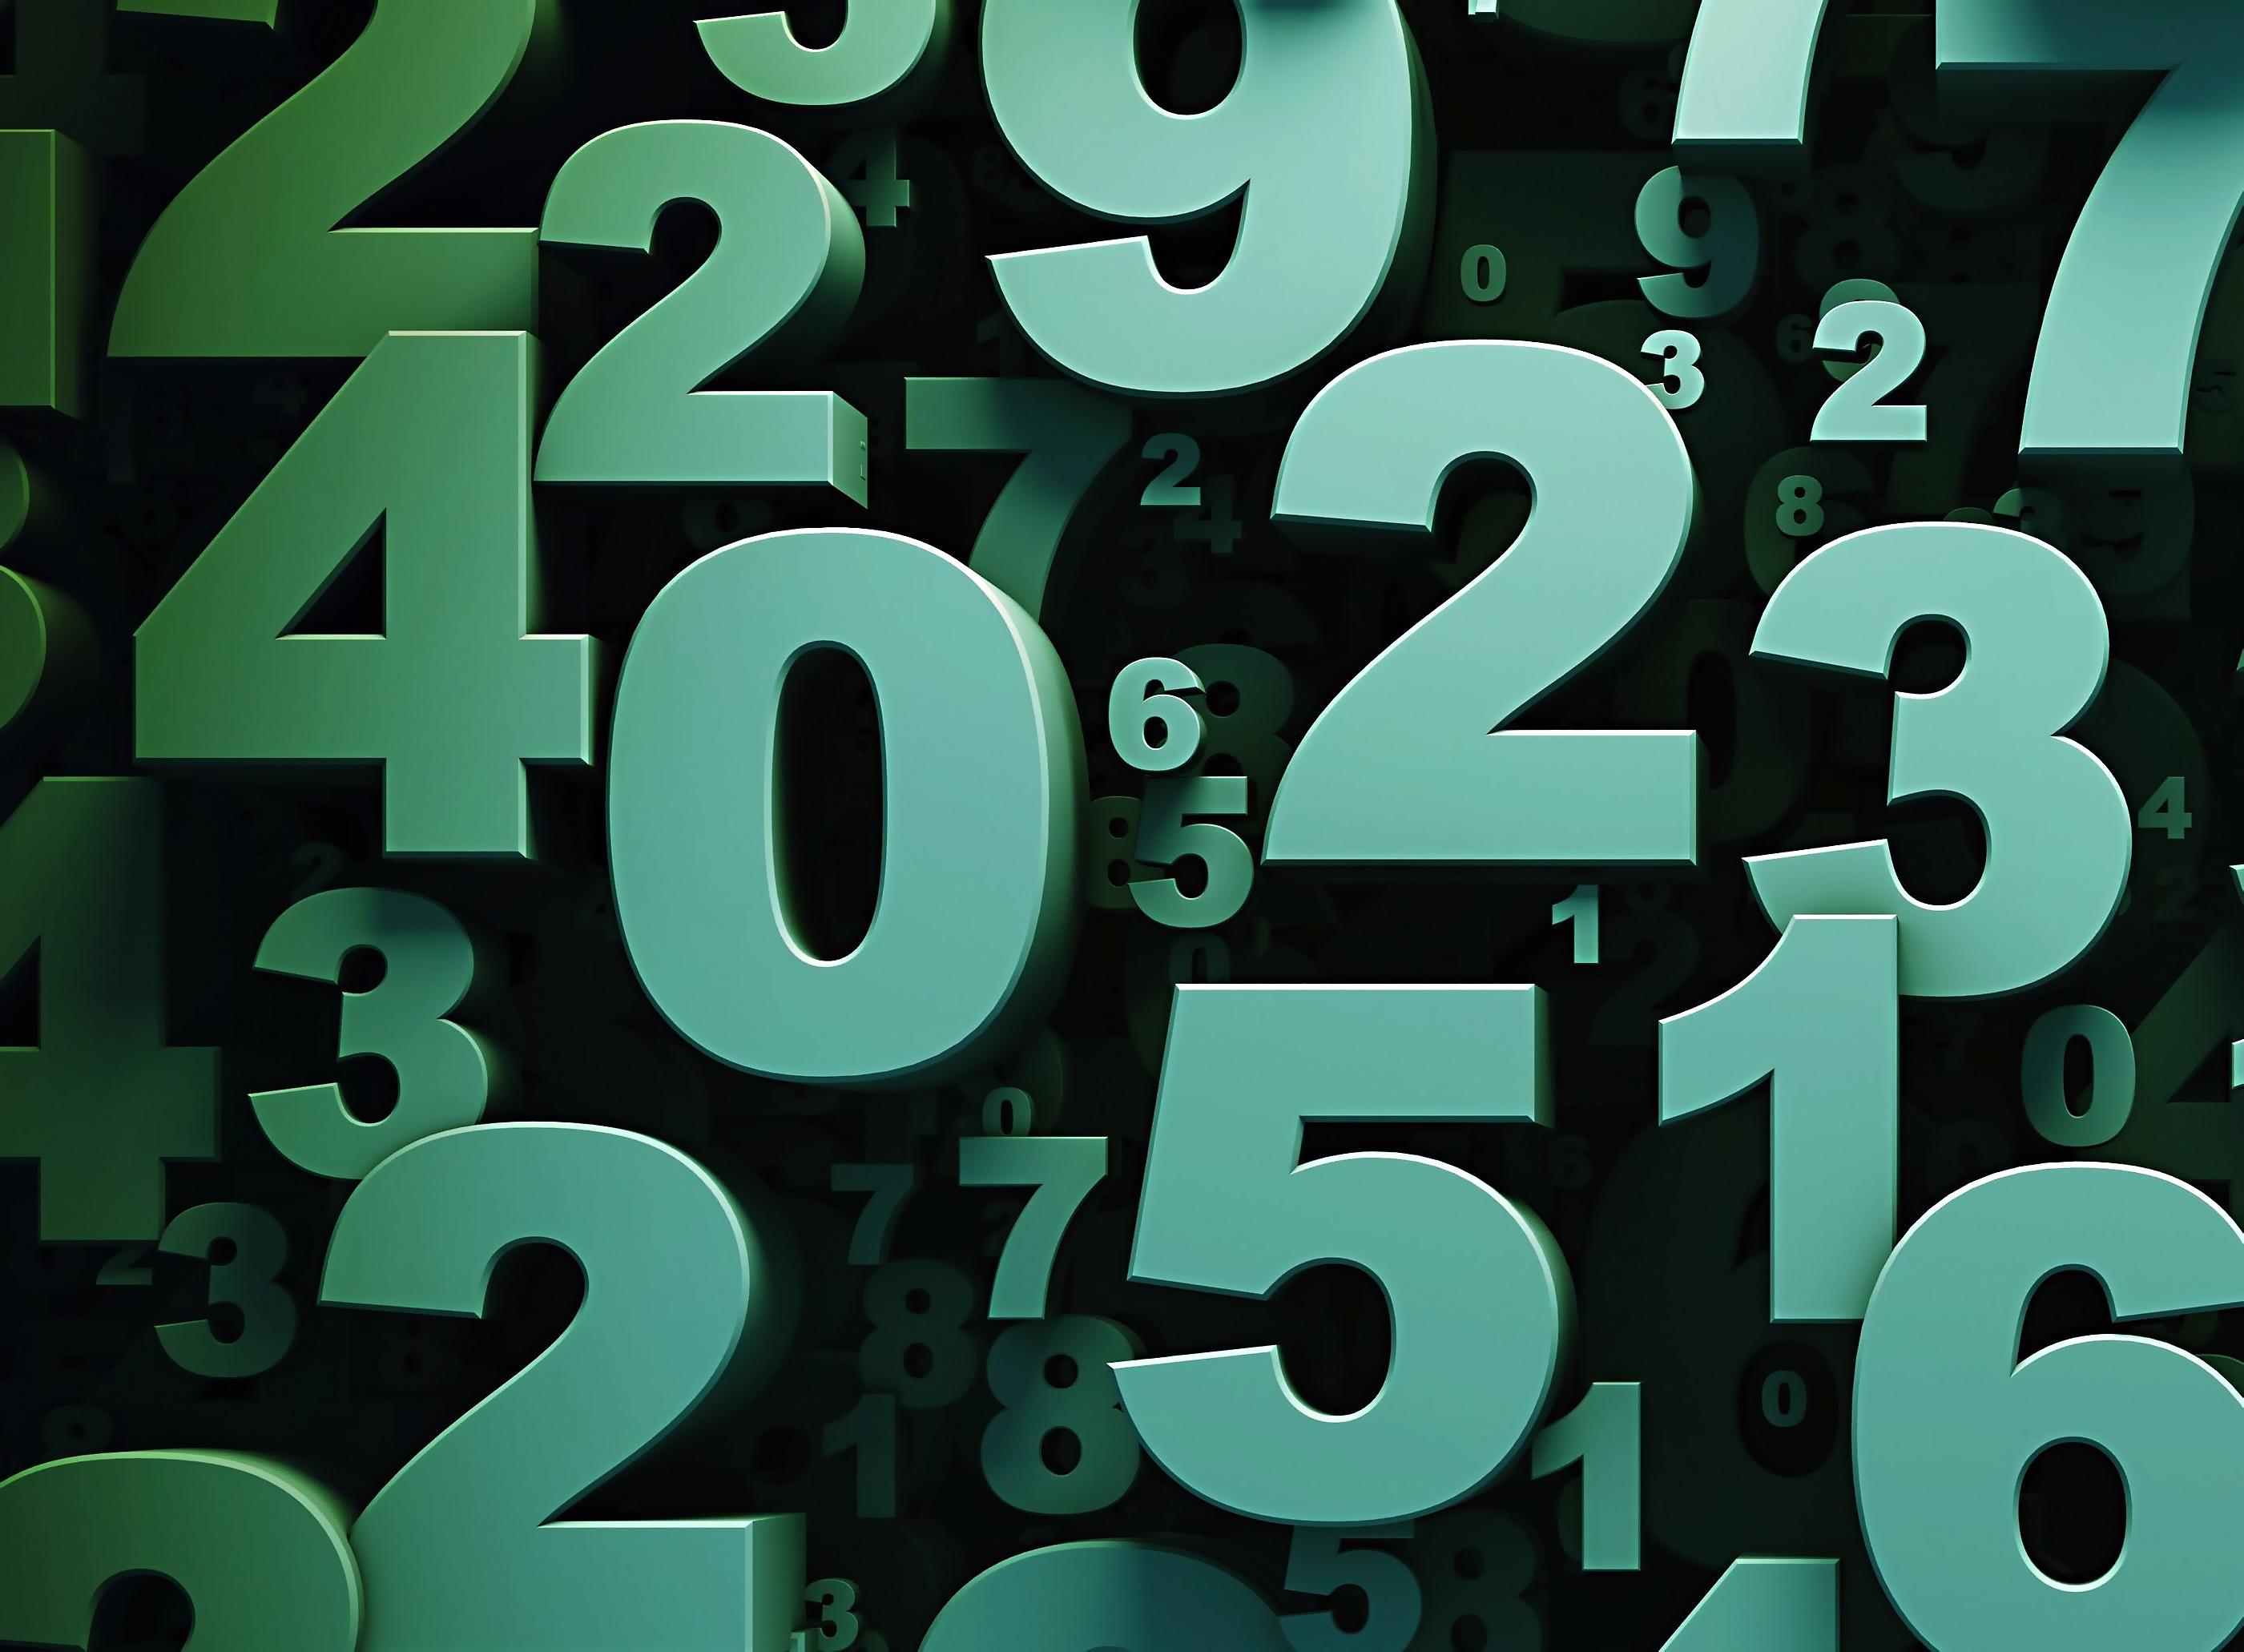 Генератор случайных чисел на игровых автоматах телефон доверия игровые автоматы